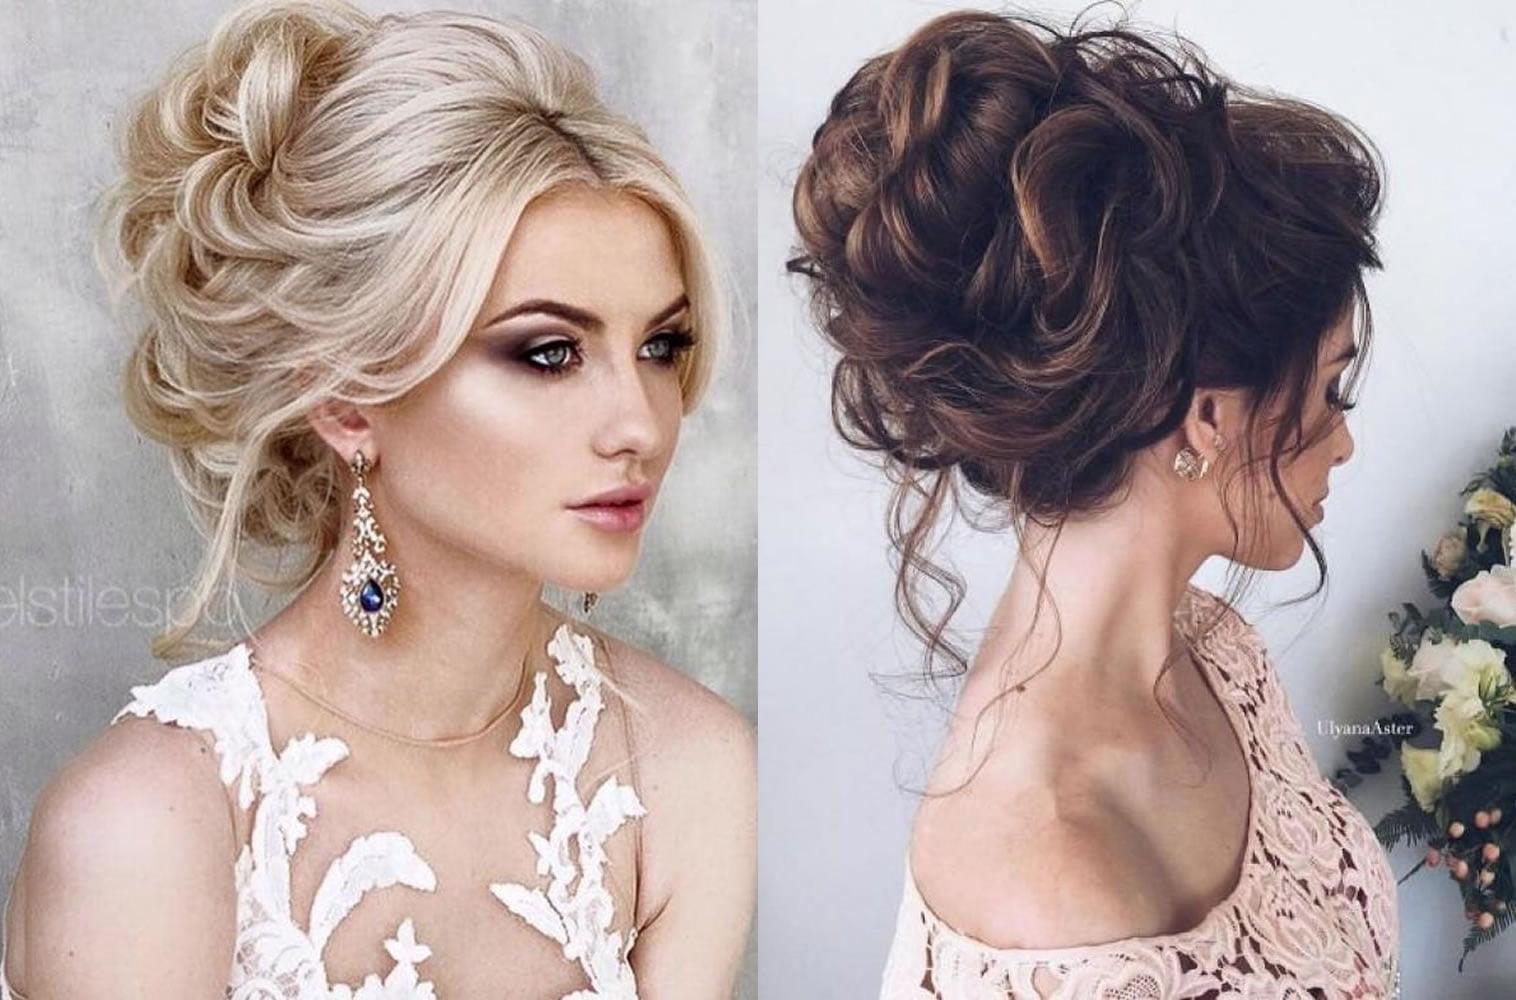 10 Beautiful Updo Hairstyles For Weddings 2019: Elegant Wedding Hairstyles 2019